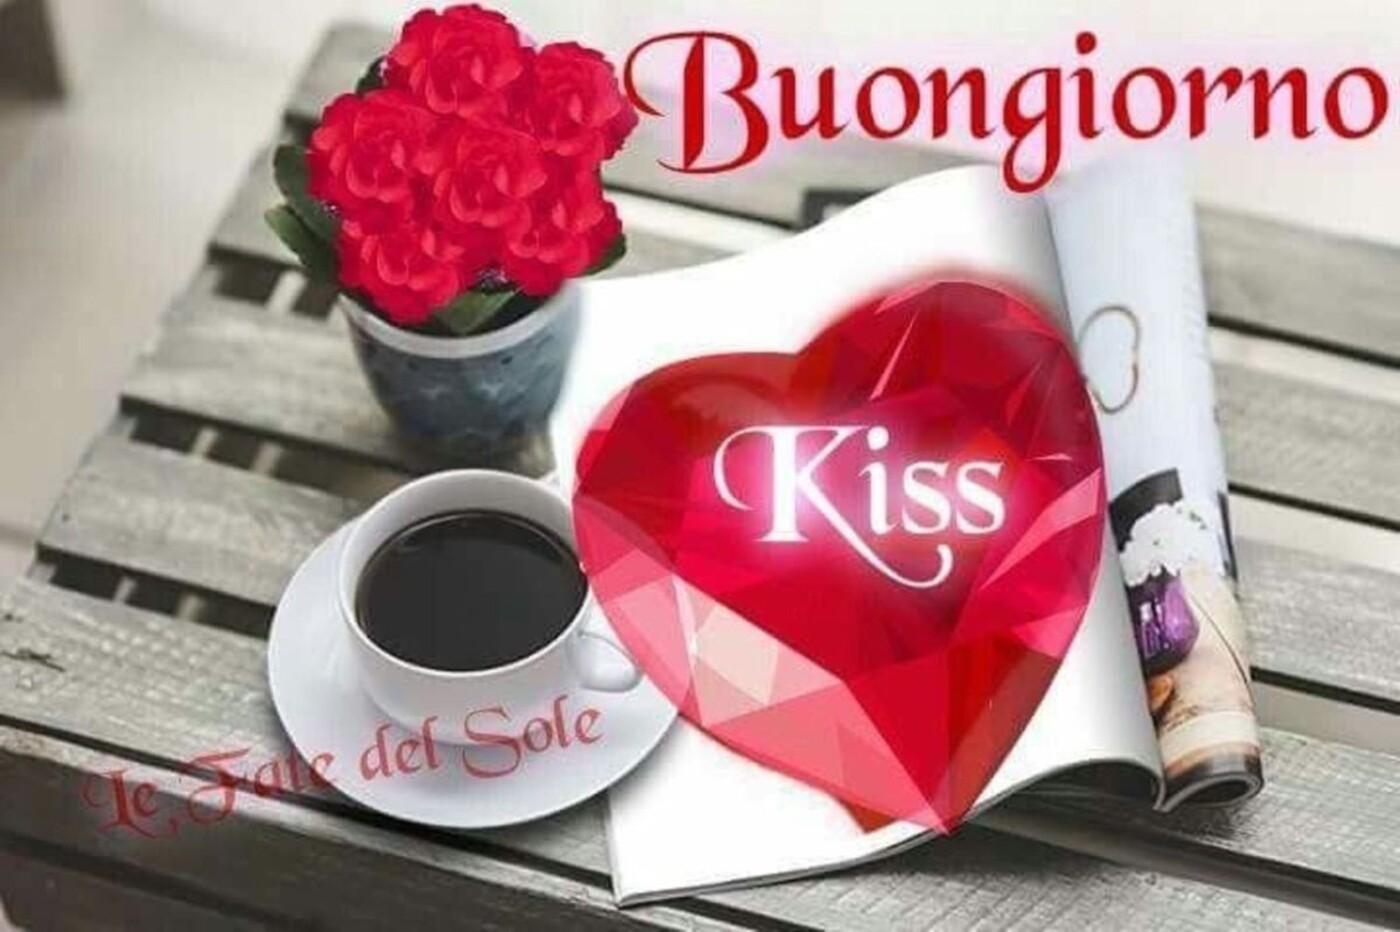 Buongiorno Kiss